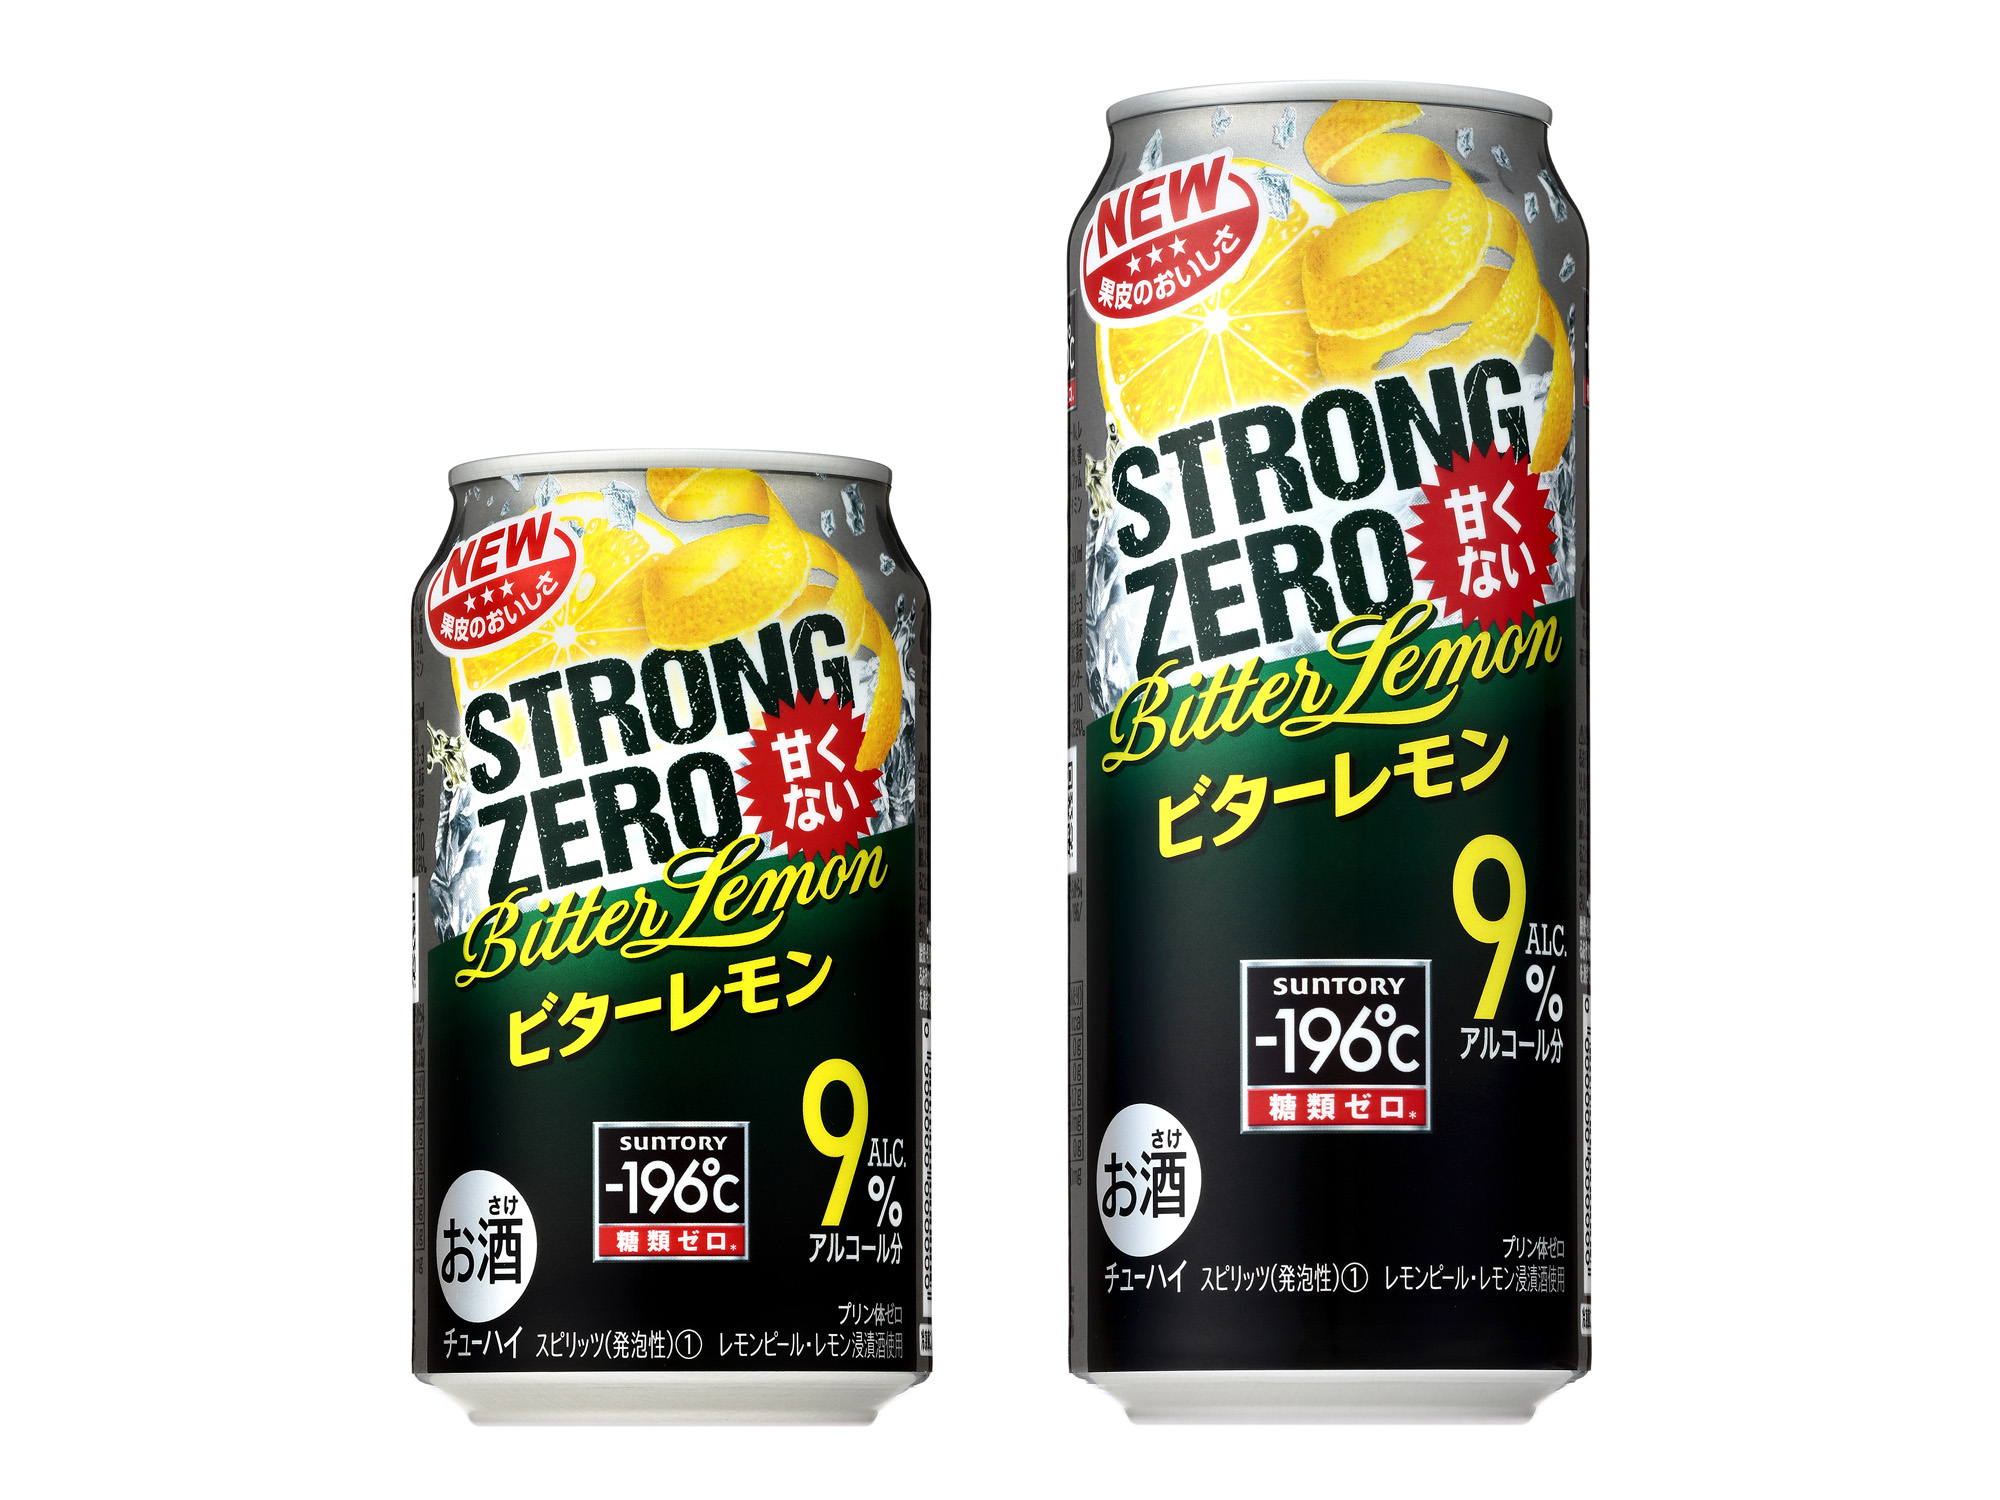 196℃ ストロングゼロ〈ビターレモン〉」通年商品として新発売 on